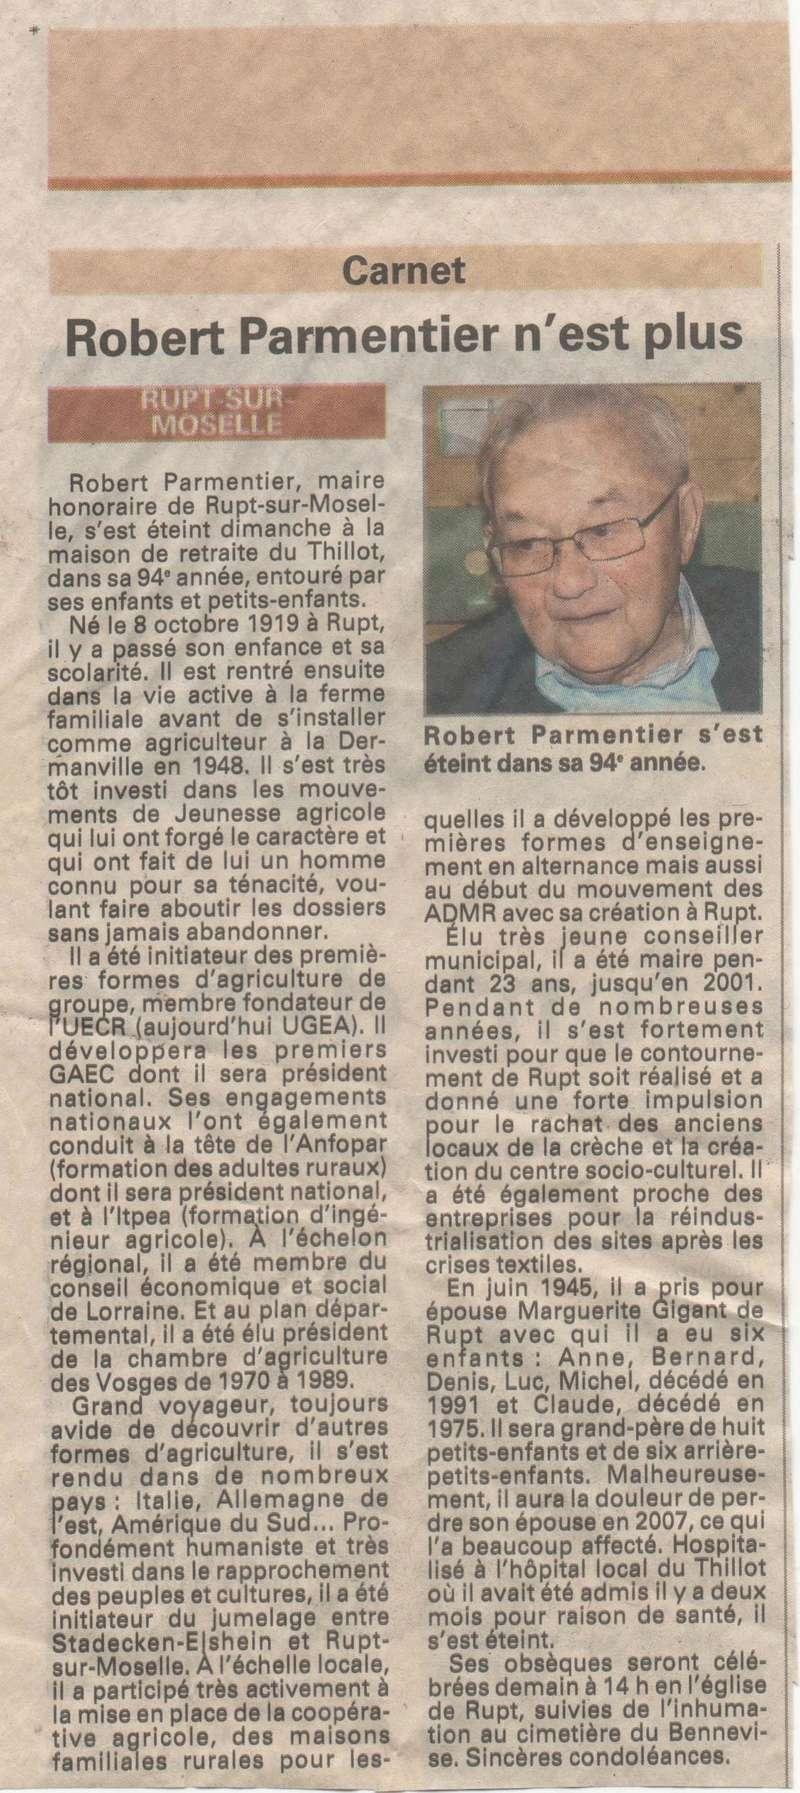 RUPT SUR MOSELLE - SOUVENIRS DE ROBERT PARMENTIER 14_00111